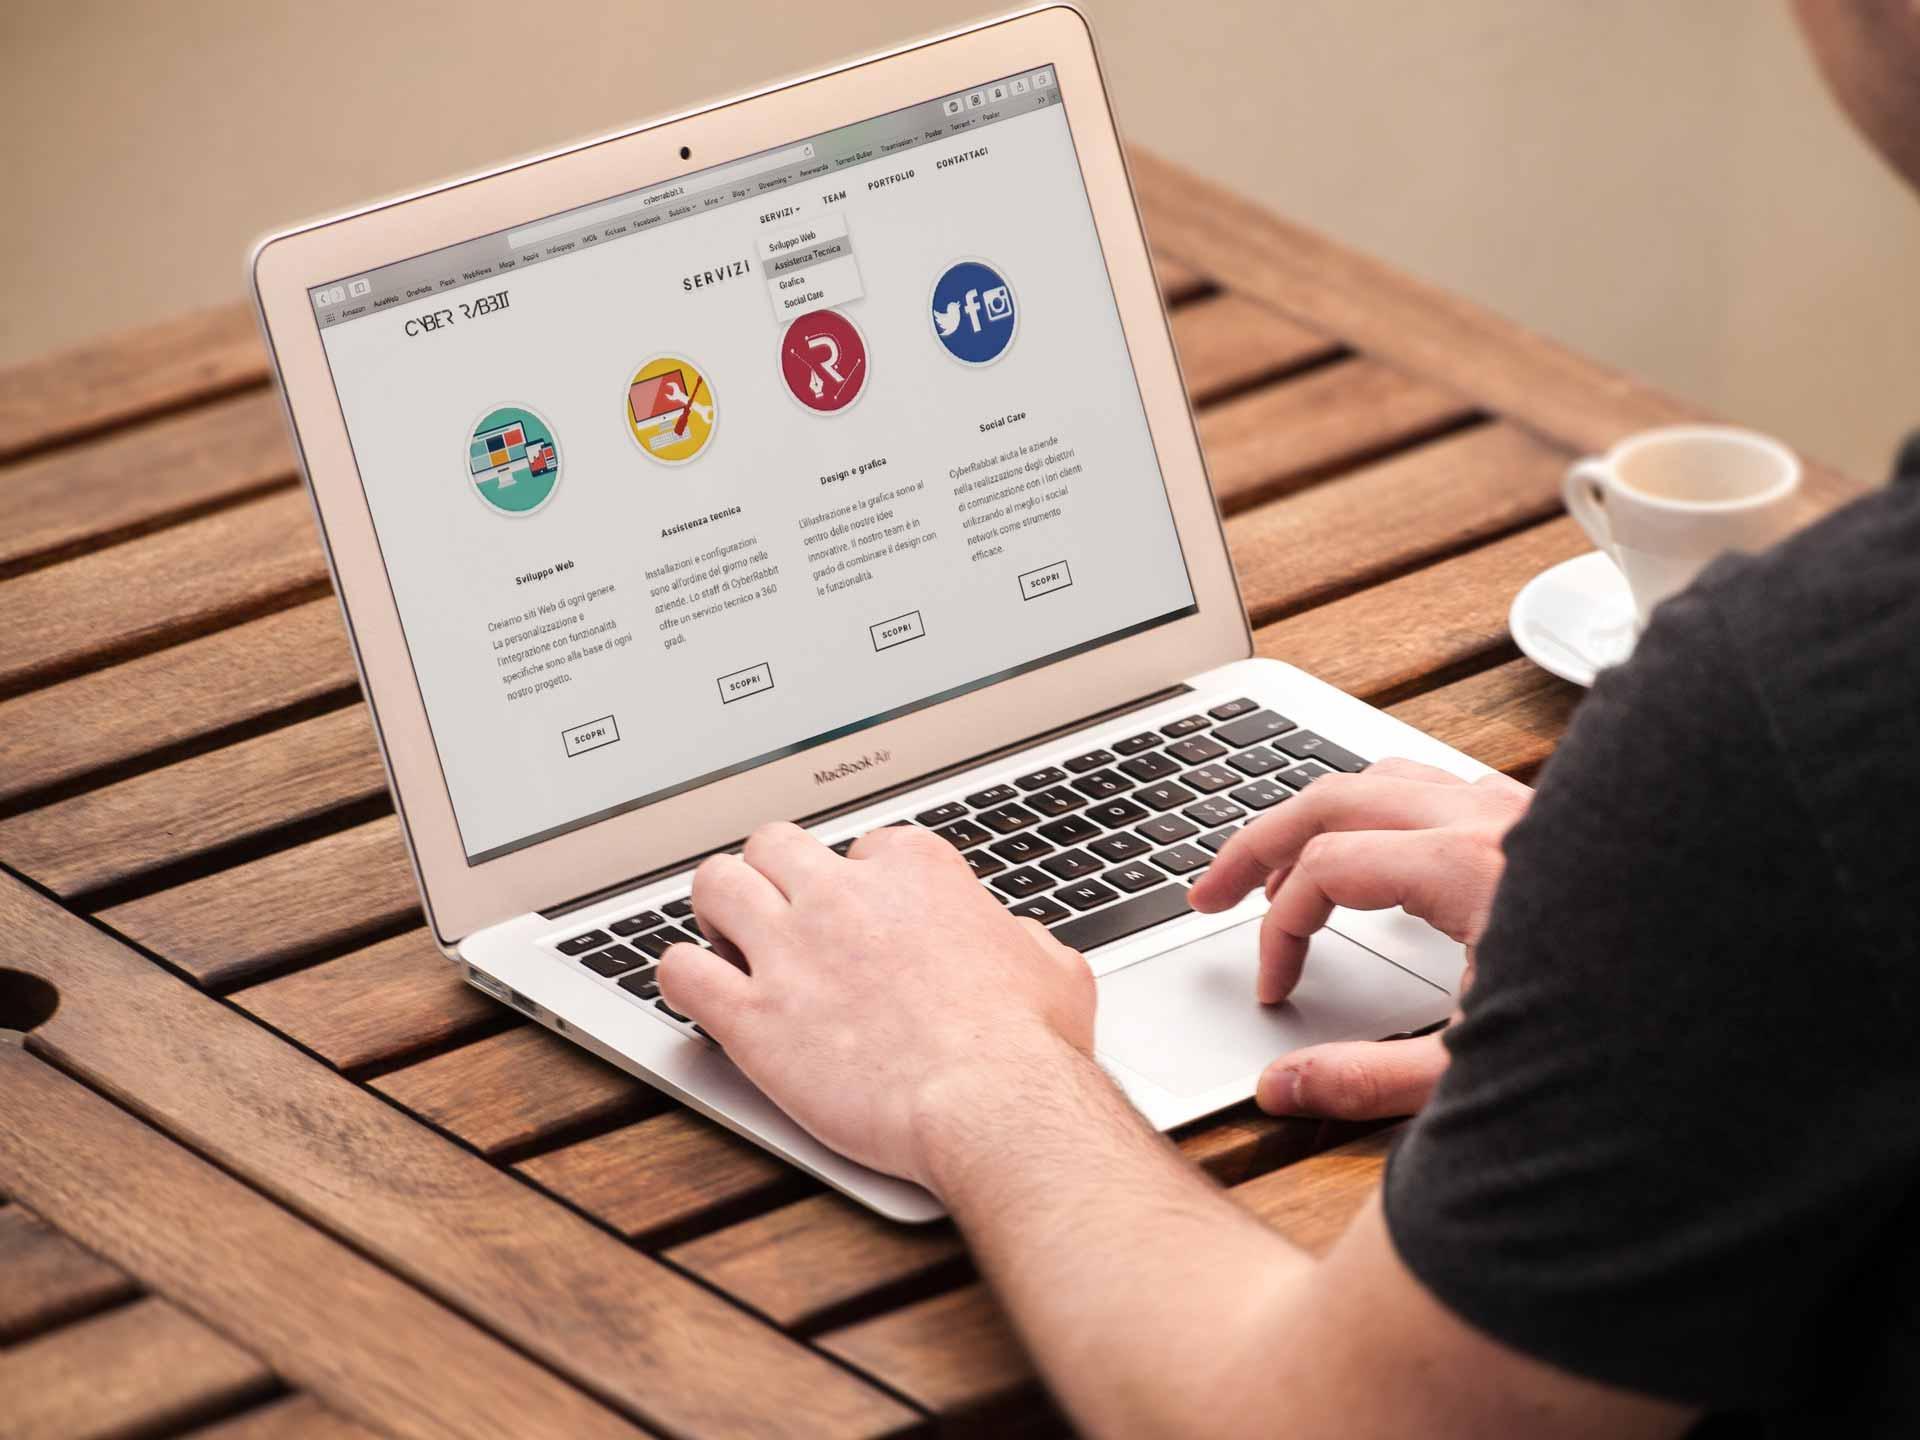 Strix marketing - Kun vanhat webbisivut eivät enää riitä